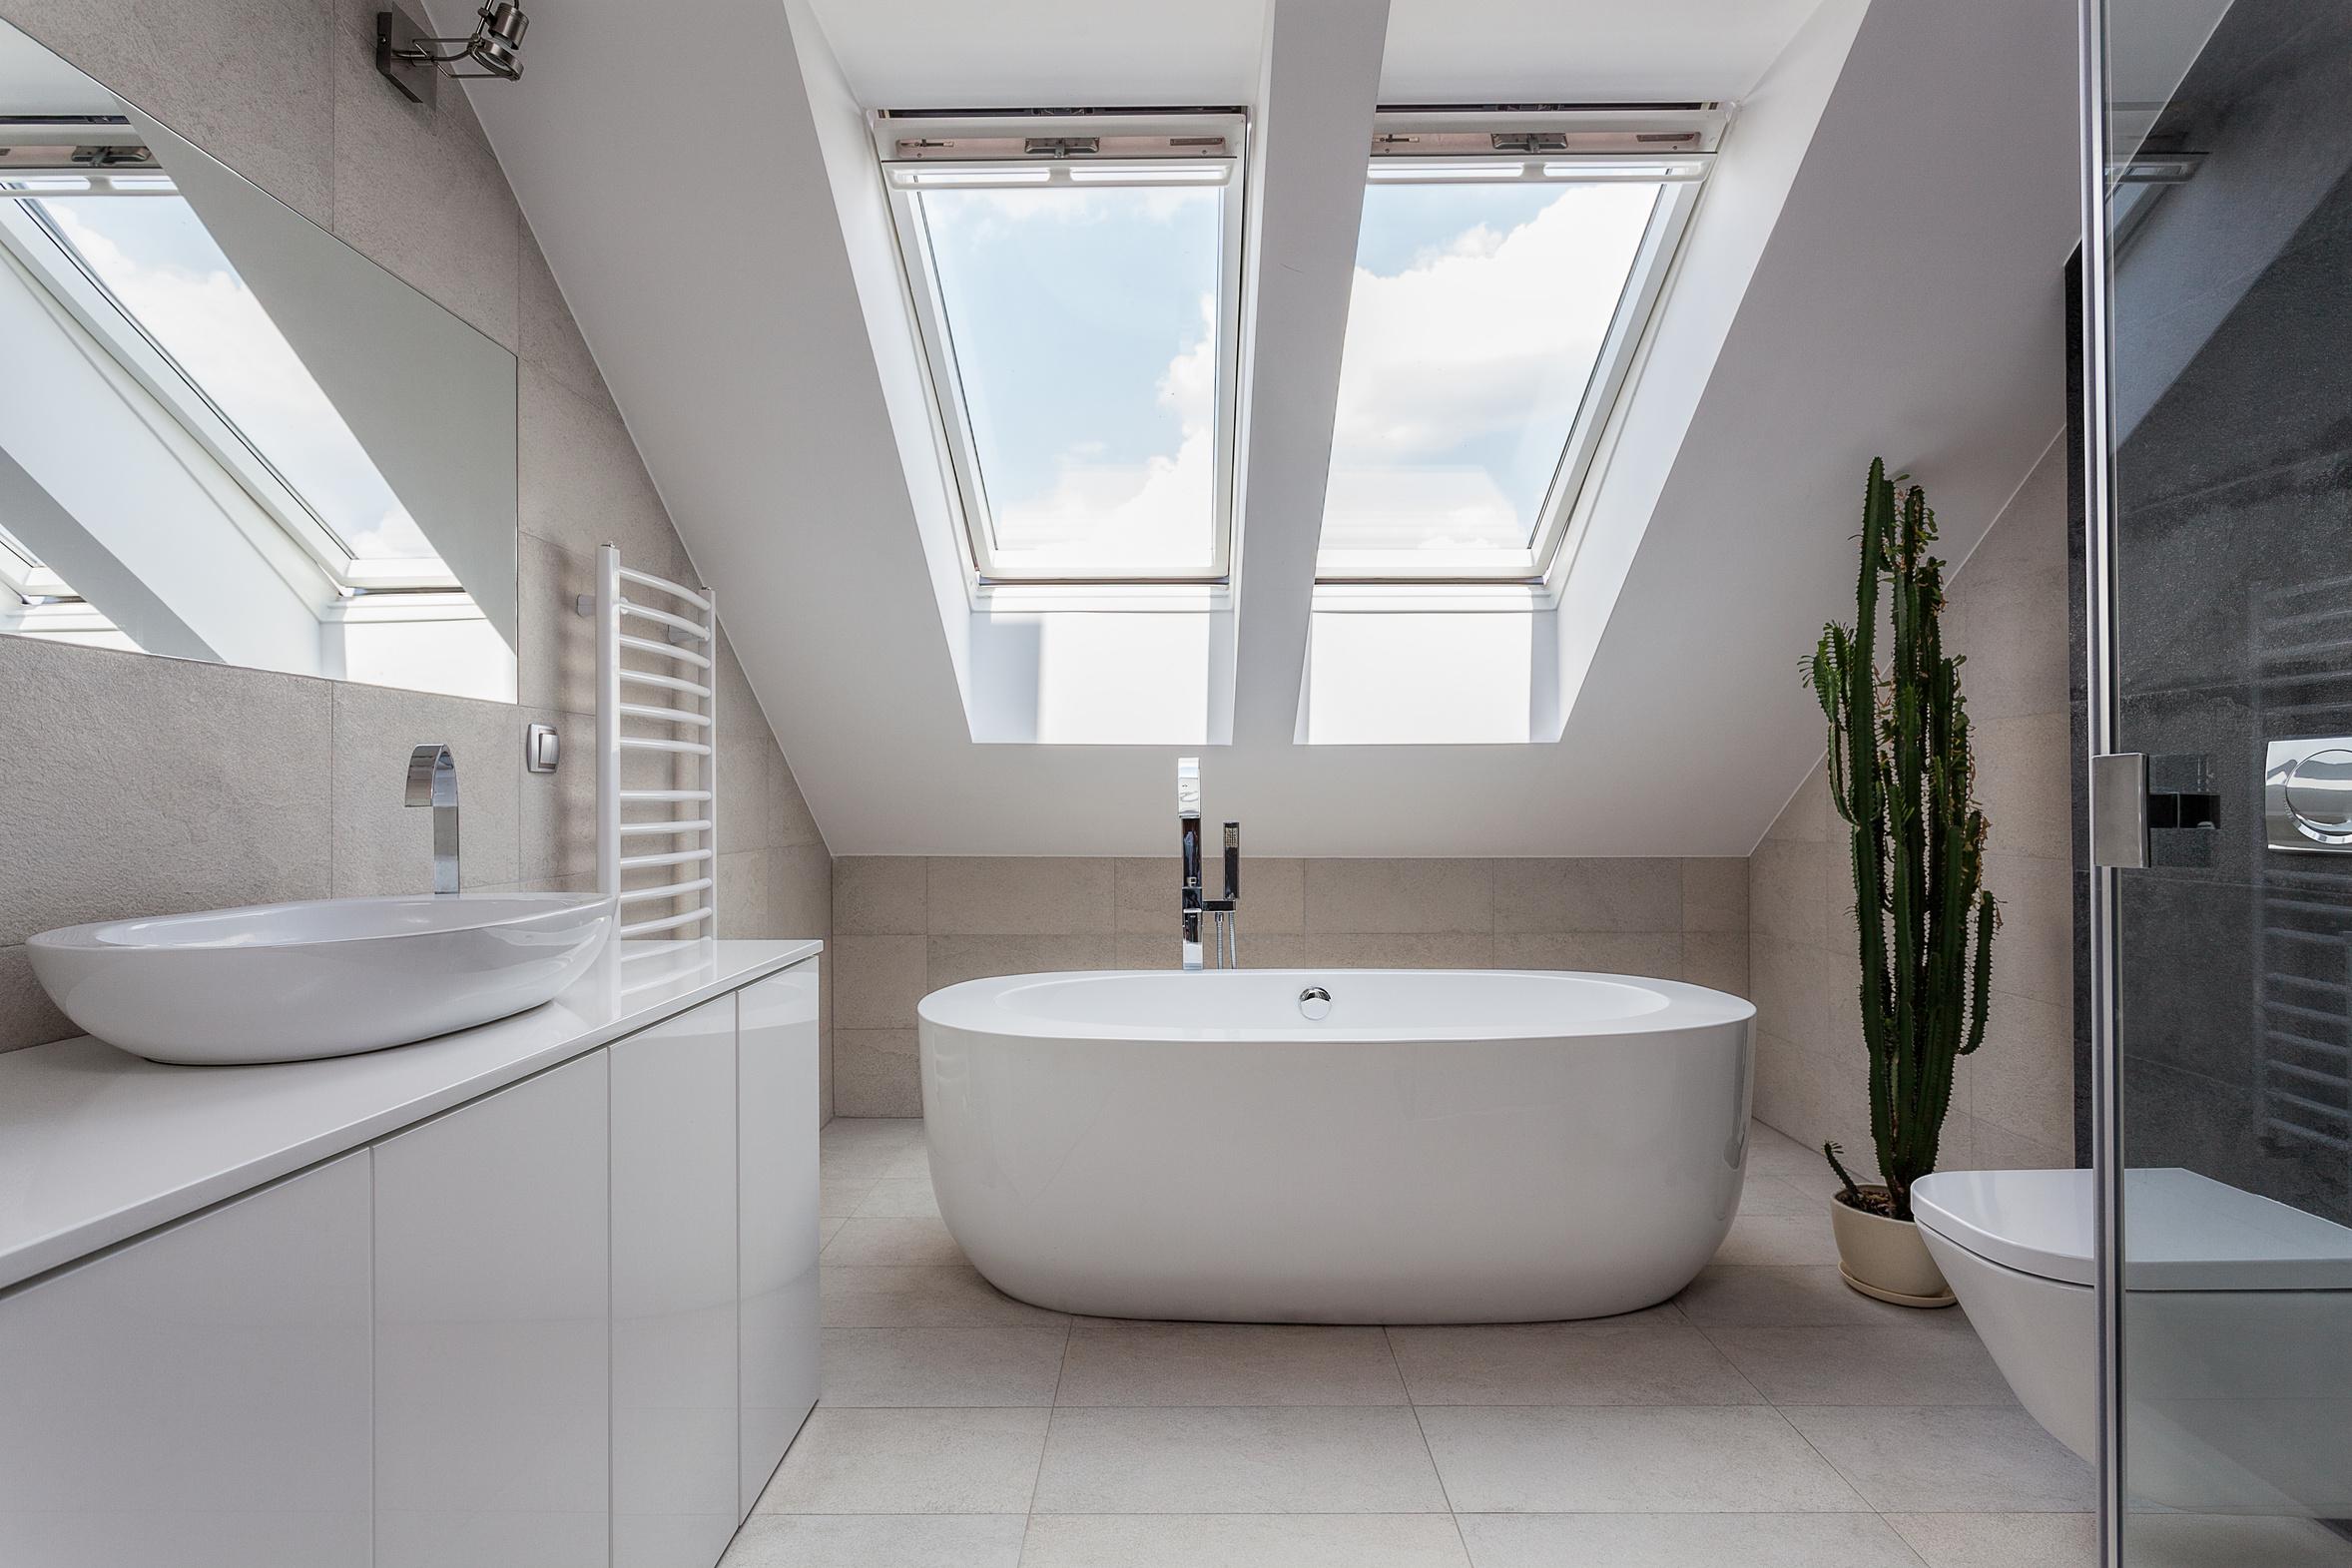 Совмещенная ванная комната в доме